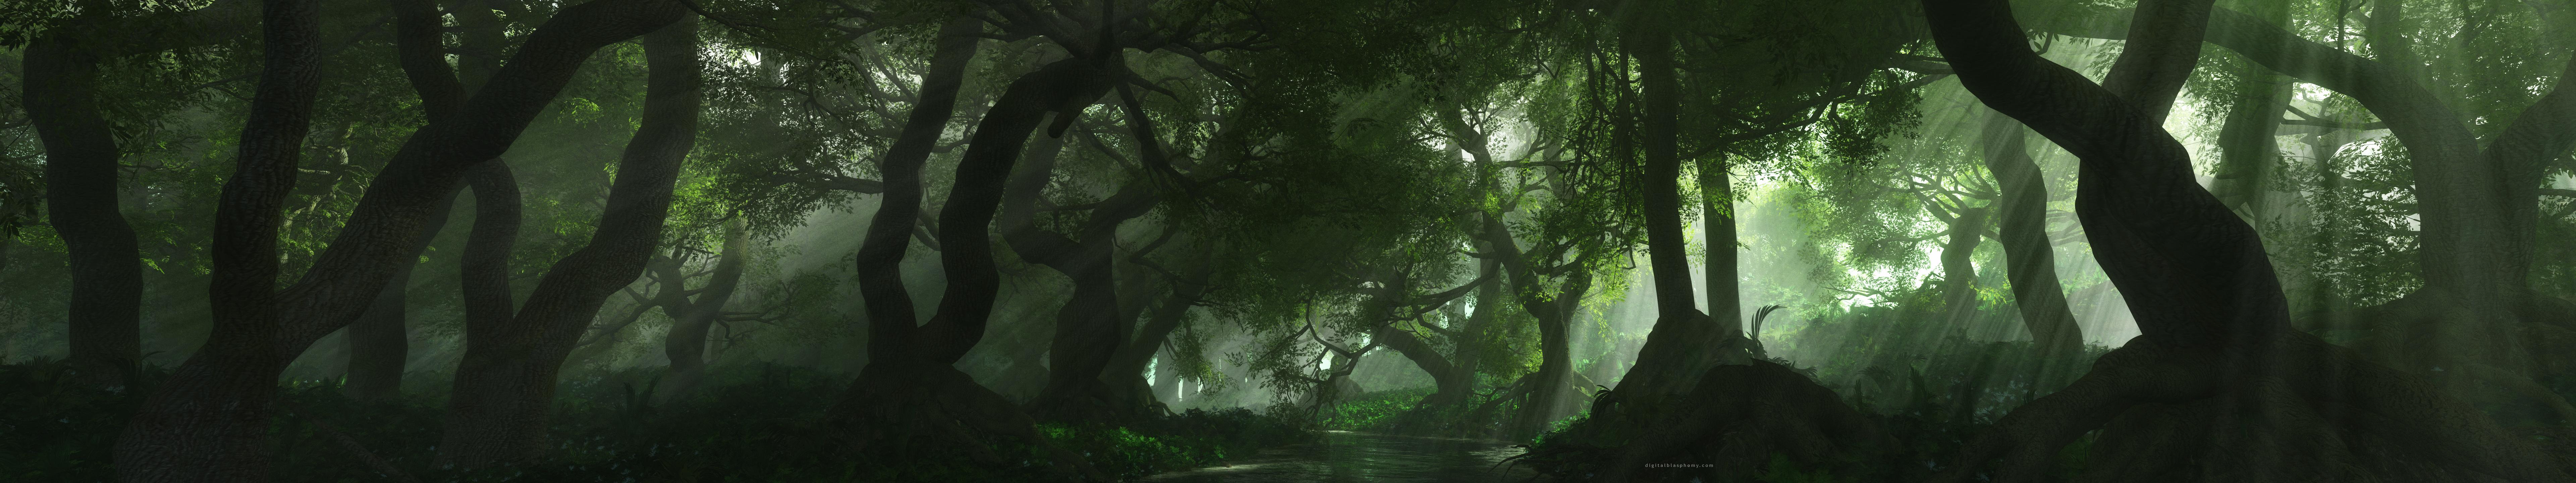 landscapes trees forest render 3d rendering scene 593604 7680x1440